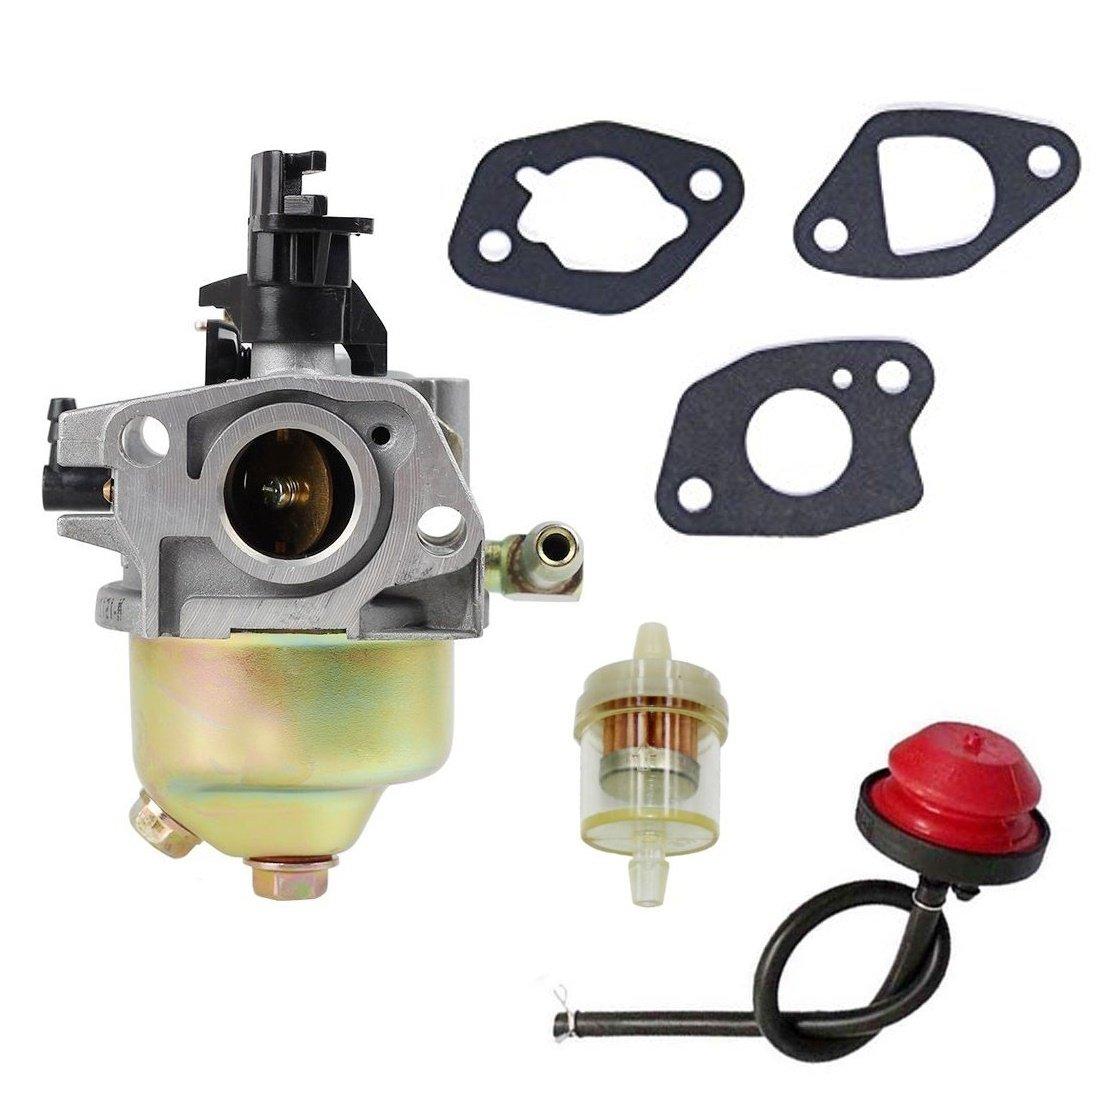 Gator Parts 951 14026a Carburetor For Mtd 14027a 10638a Troy Bilt Fuel Filter Cub Cadet Yard